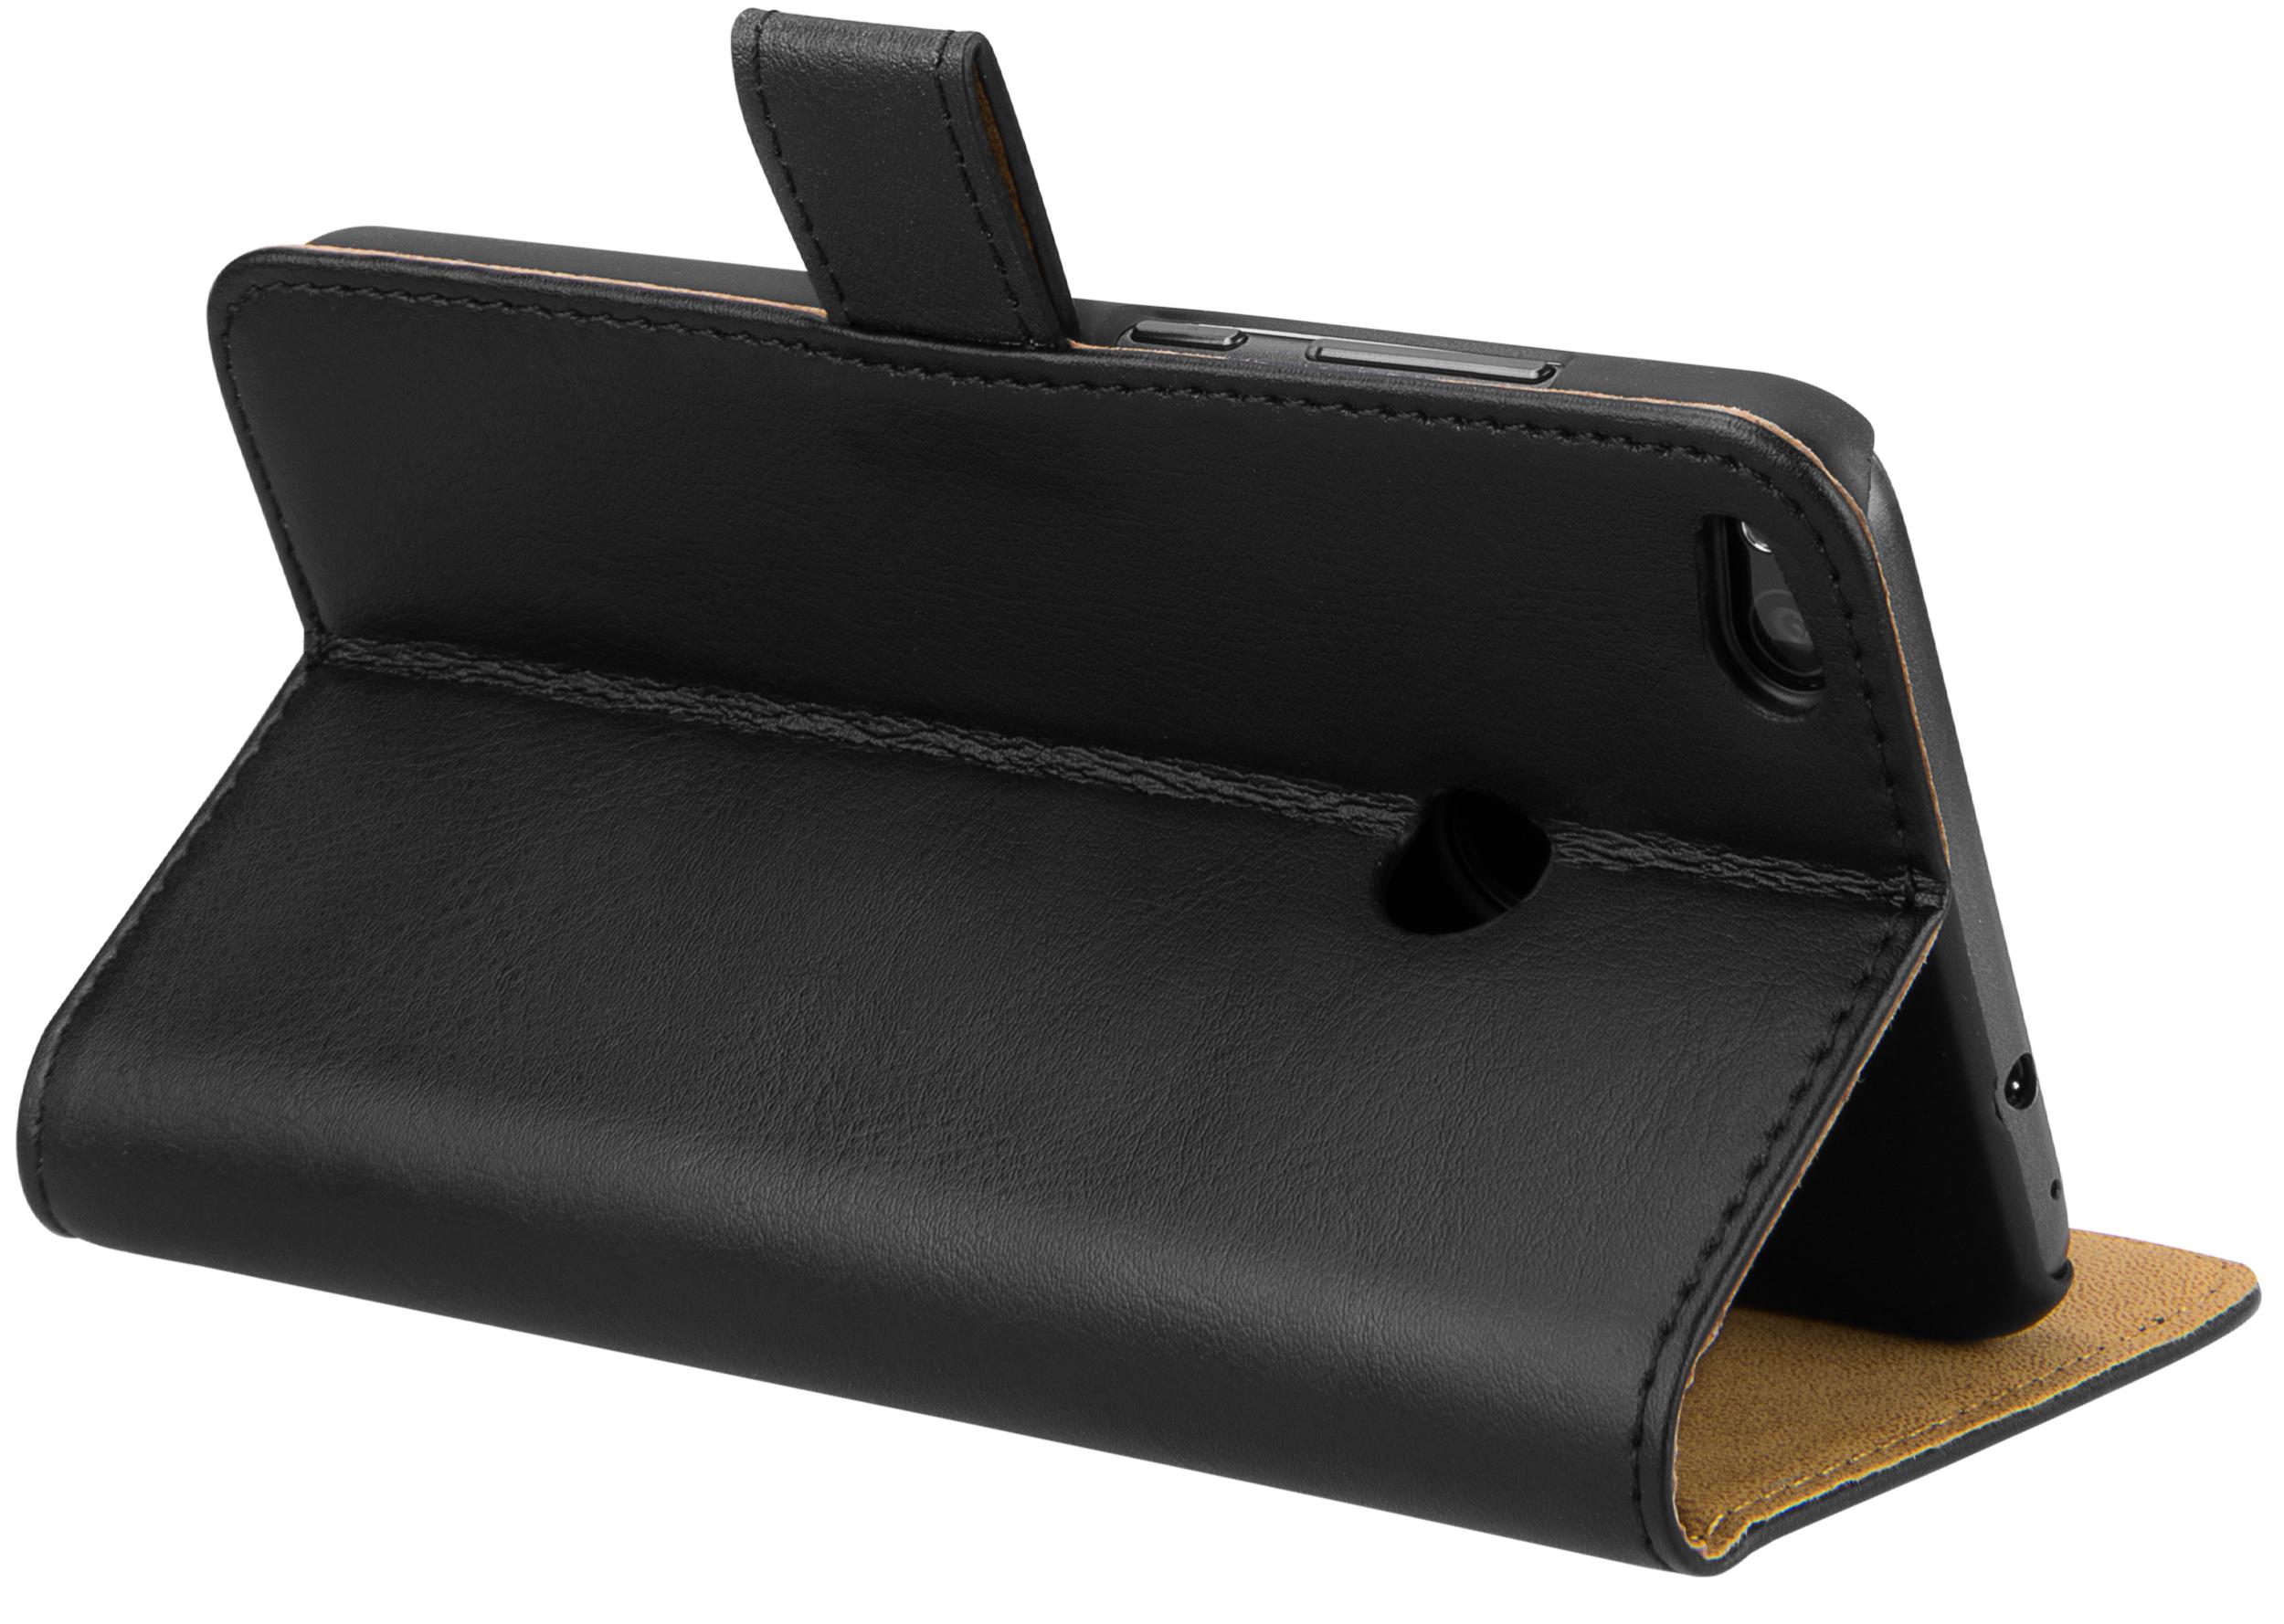 mumbi-Ledertasche-Handy-Tasche-ECHT-LEDER-Huelle-Schutzhuelle-Standfunktion-Case